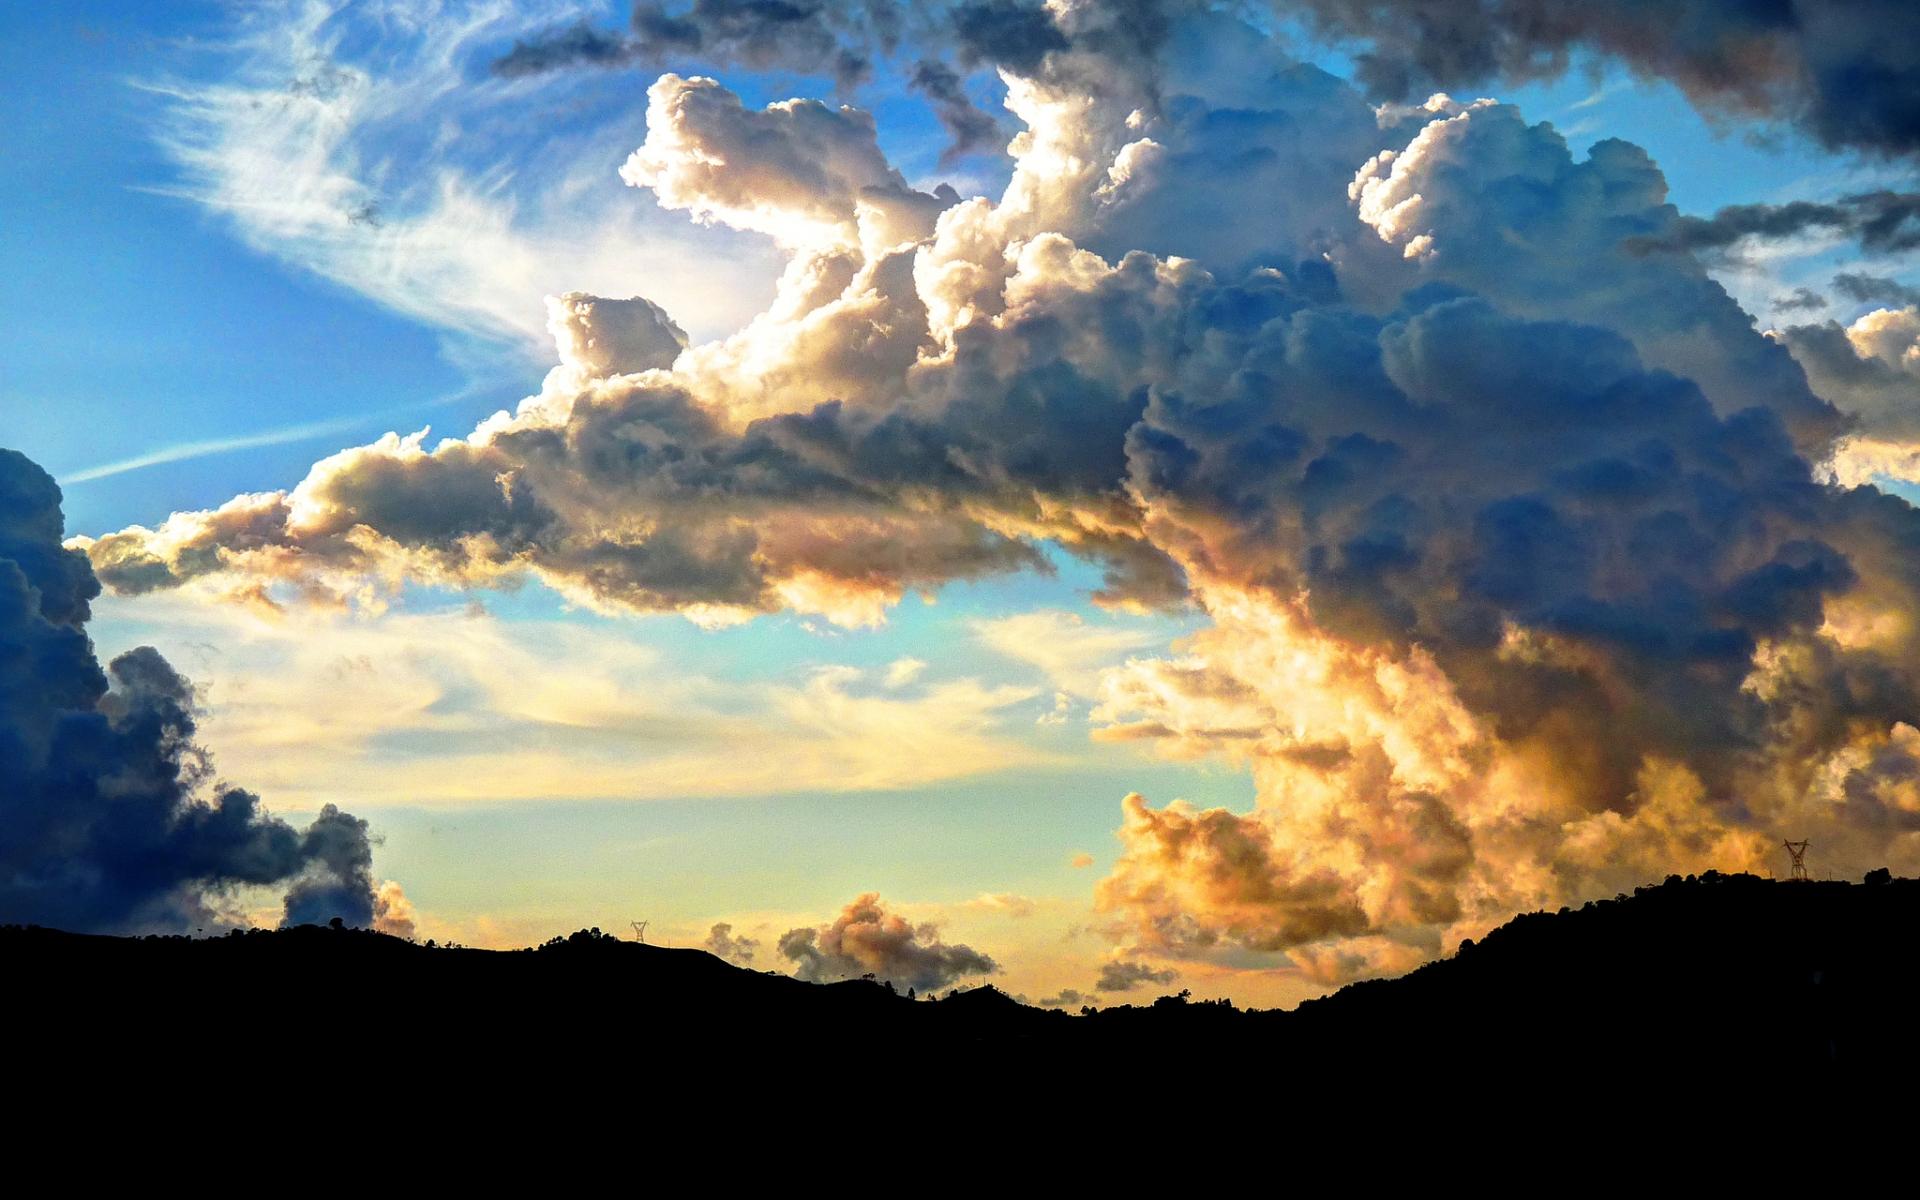 صور غروب الشمس HD (2)